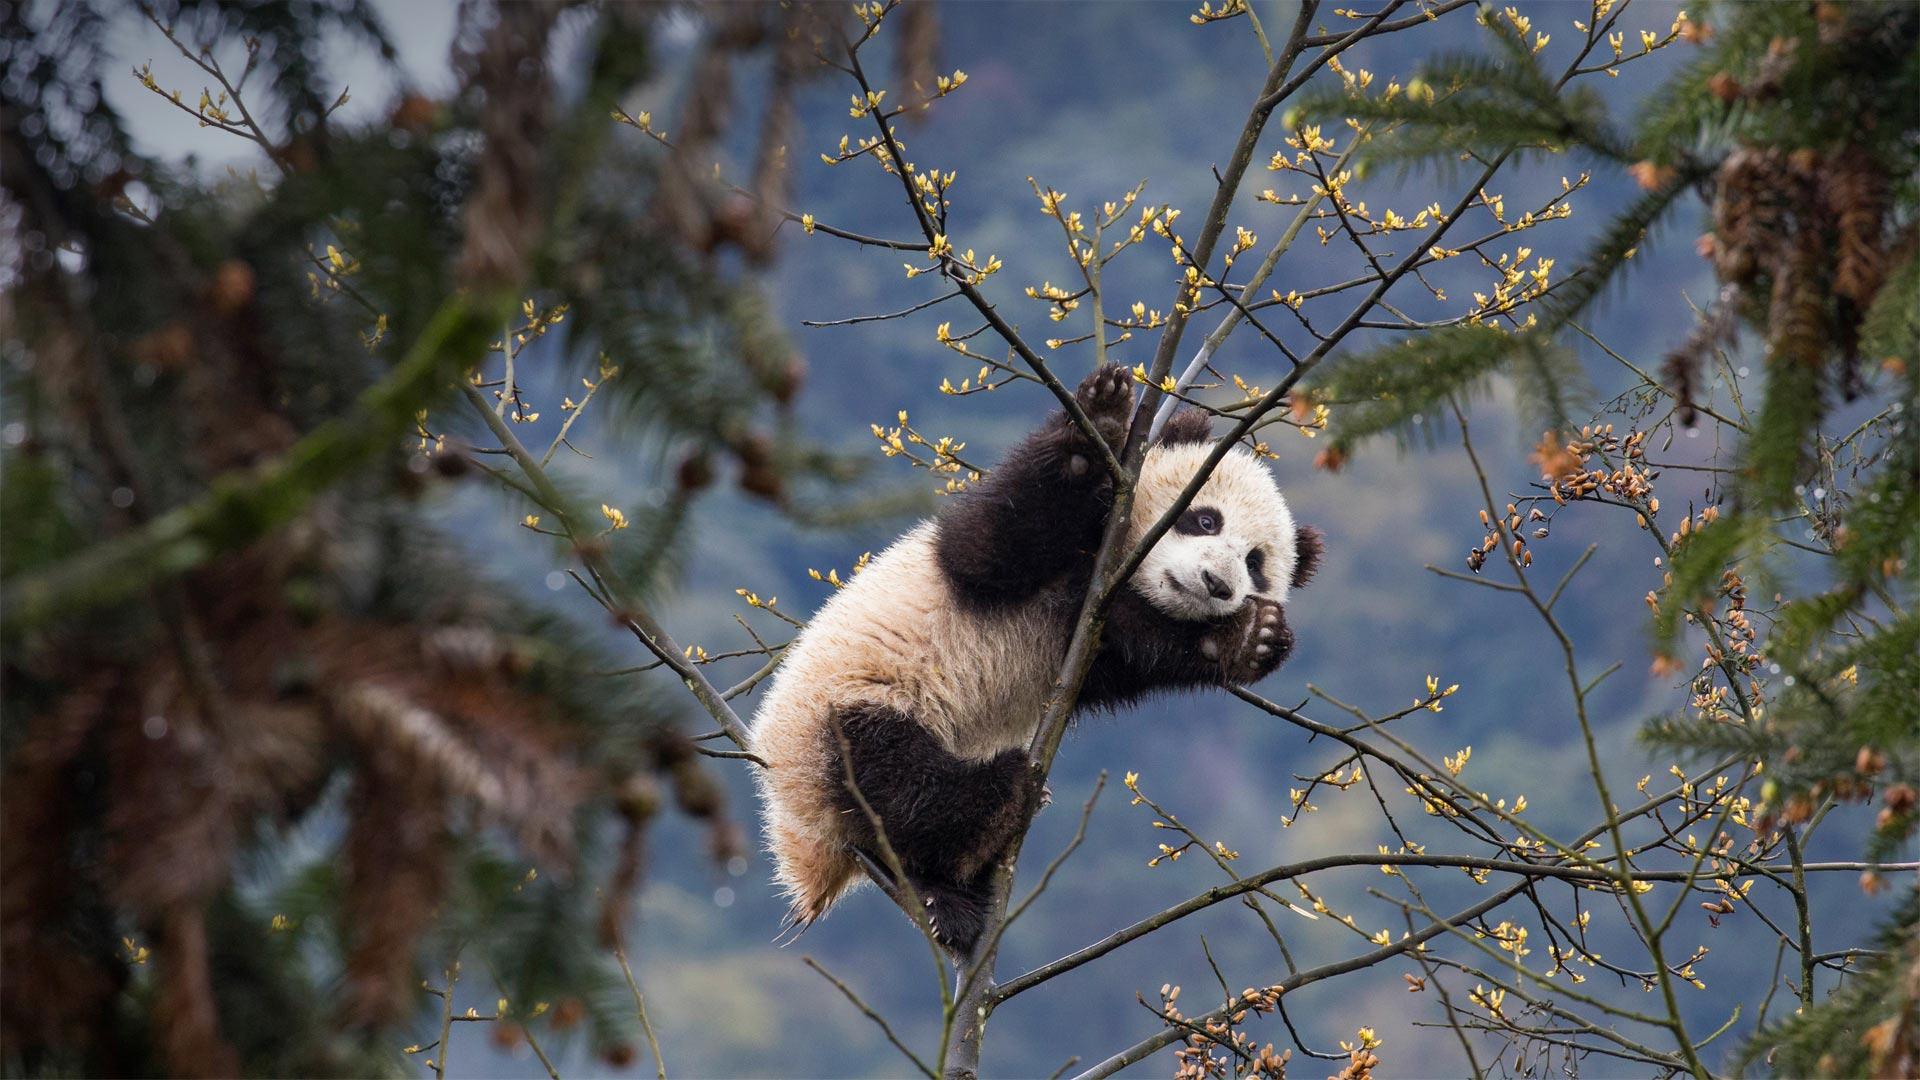 Bifengxia Panda